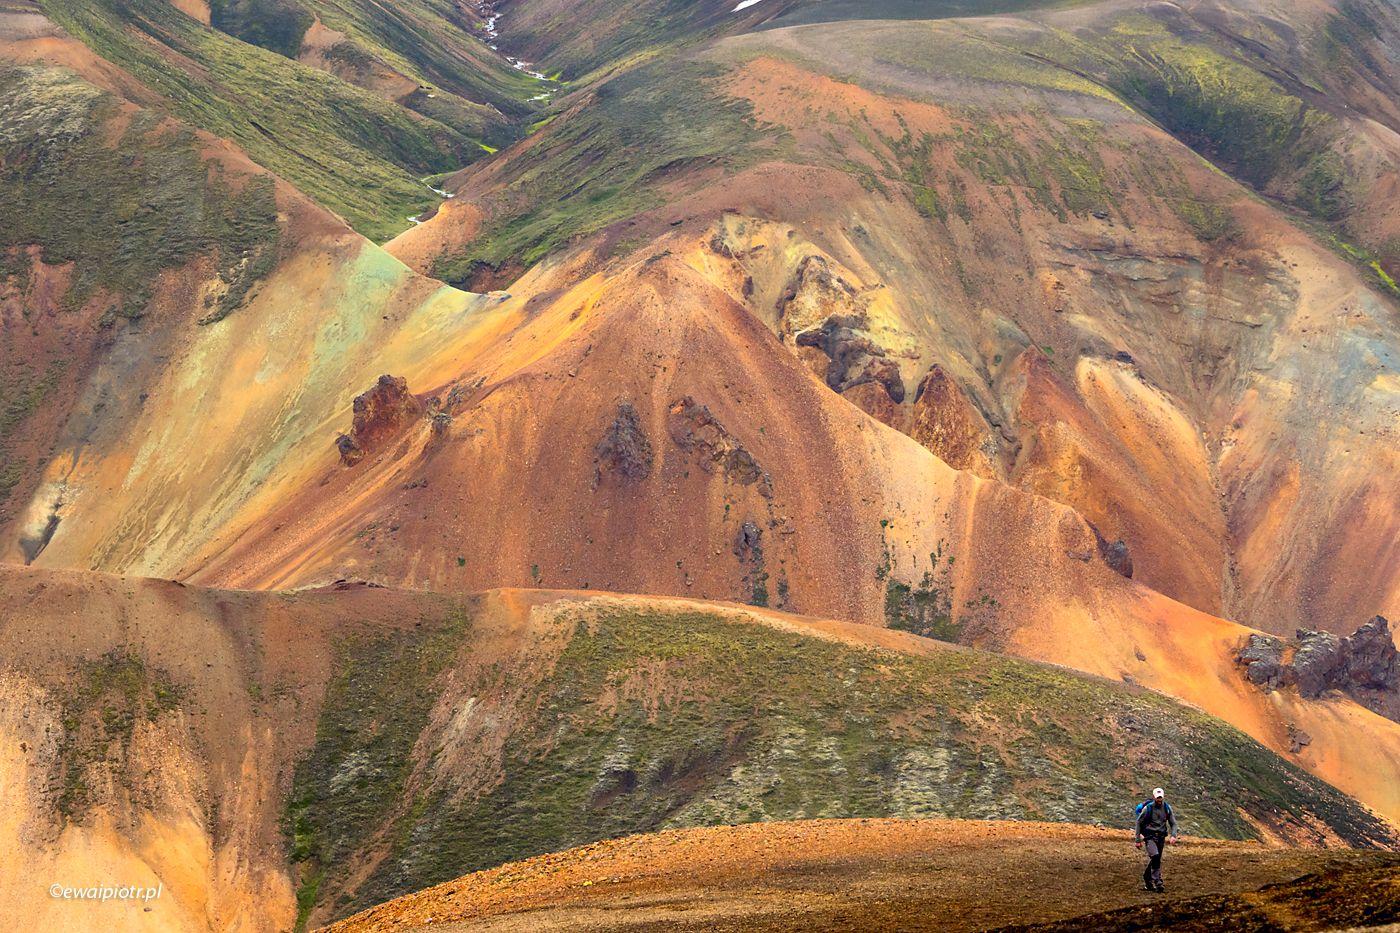 Kolorowe wzgórza Landmannalaugar, Islandia, szczepienia a kwaratanna przy wjeździe